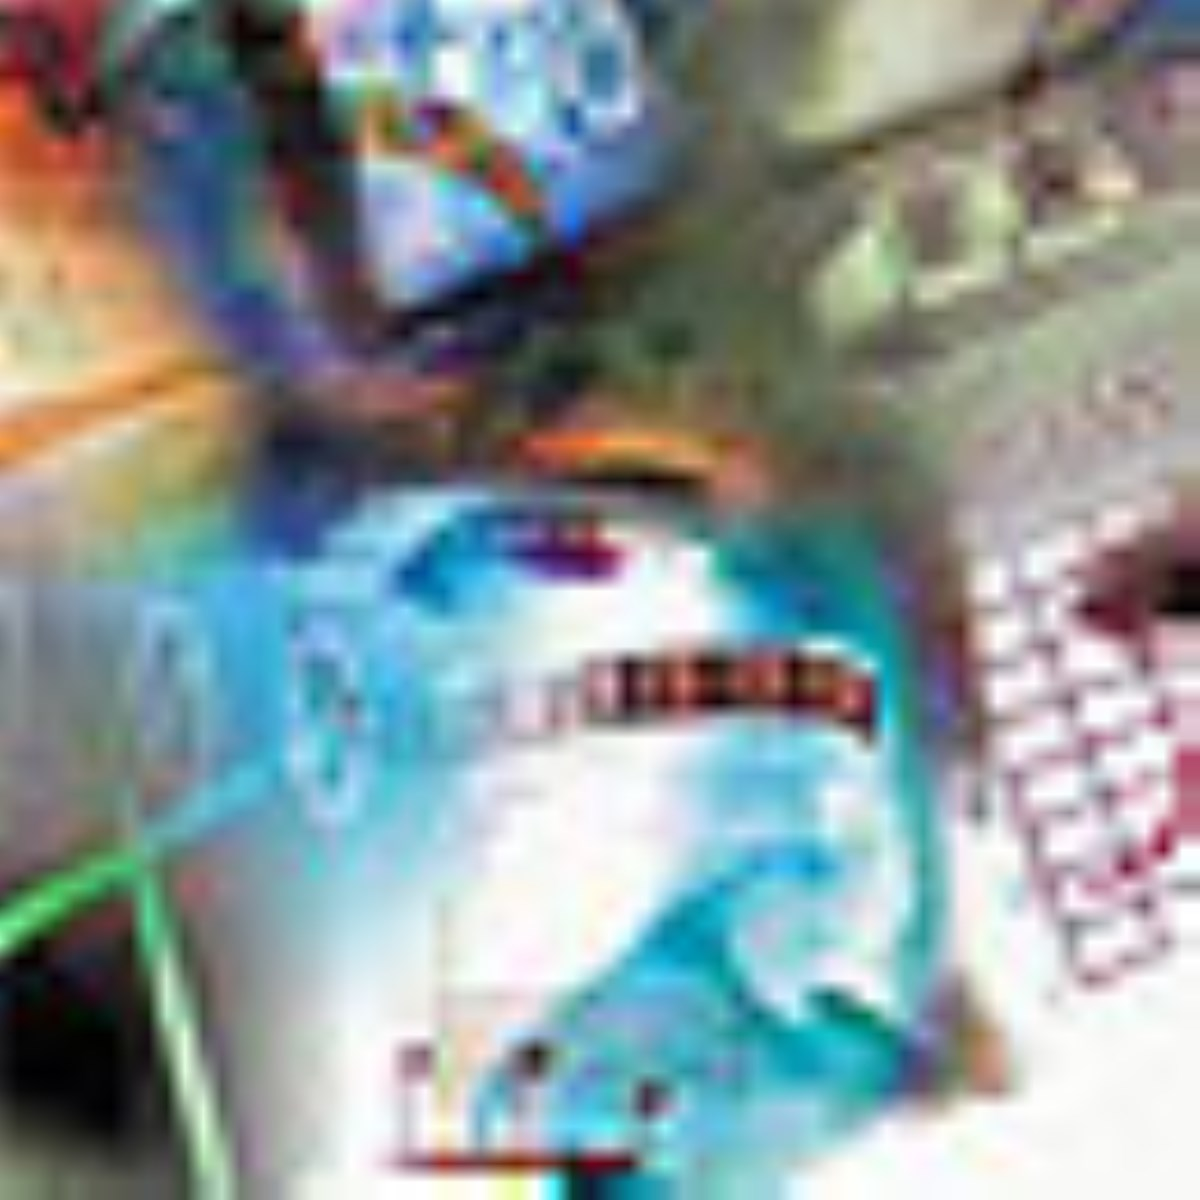 هوش مصنوعى و روباتيك رضوان السادات ميرمحمدي